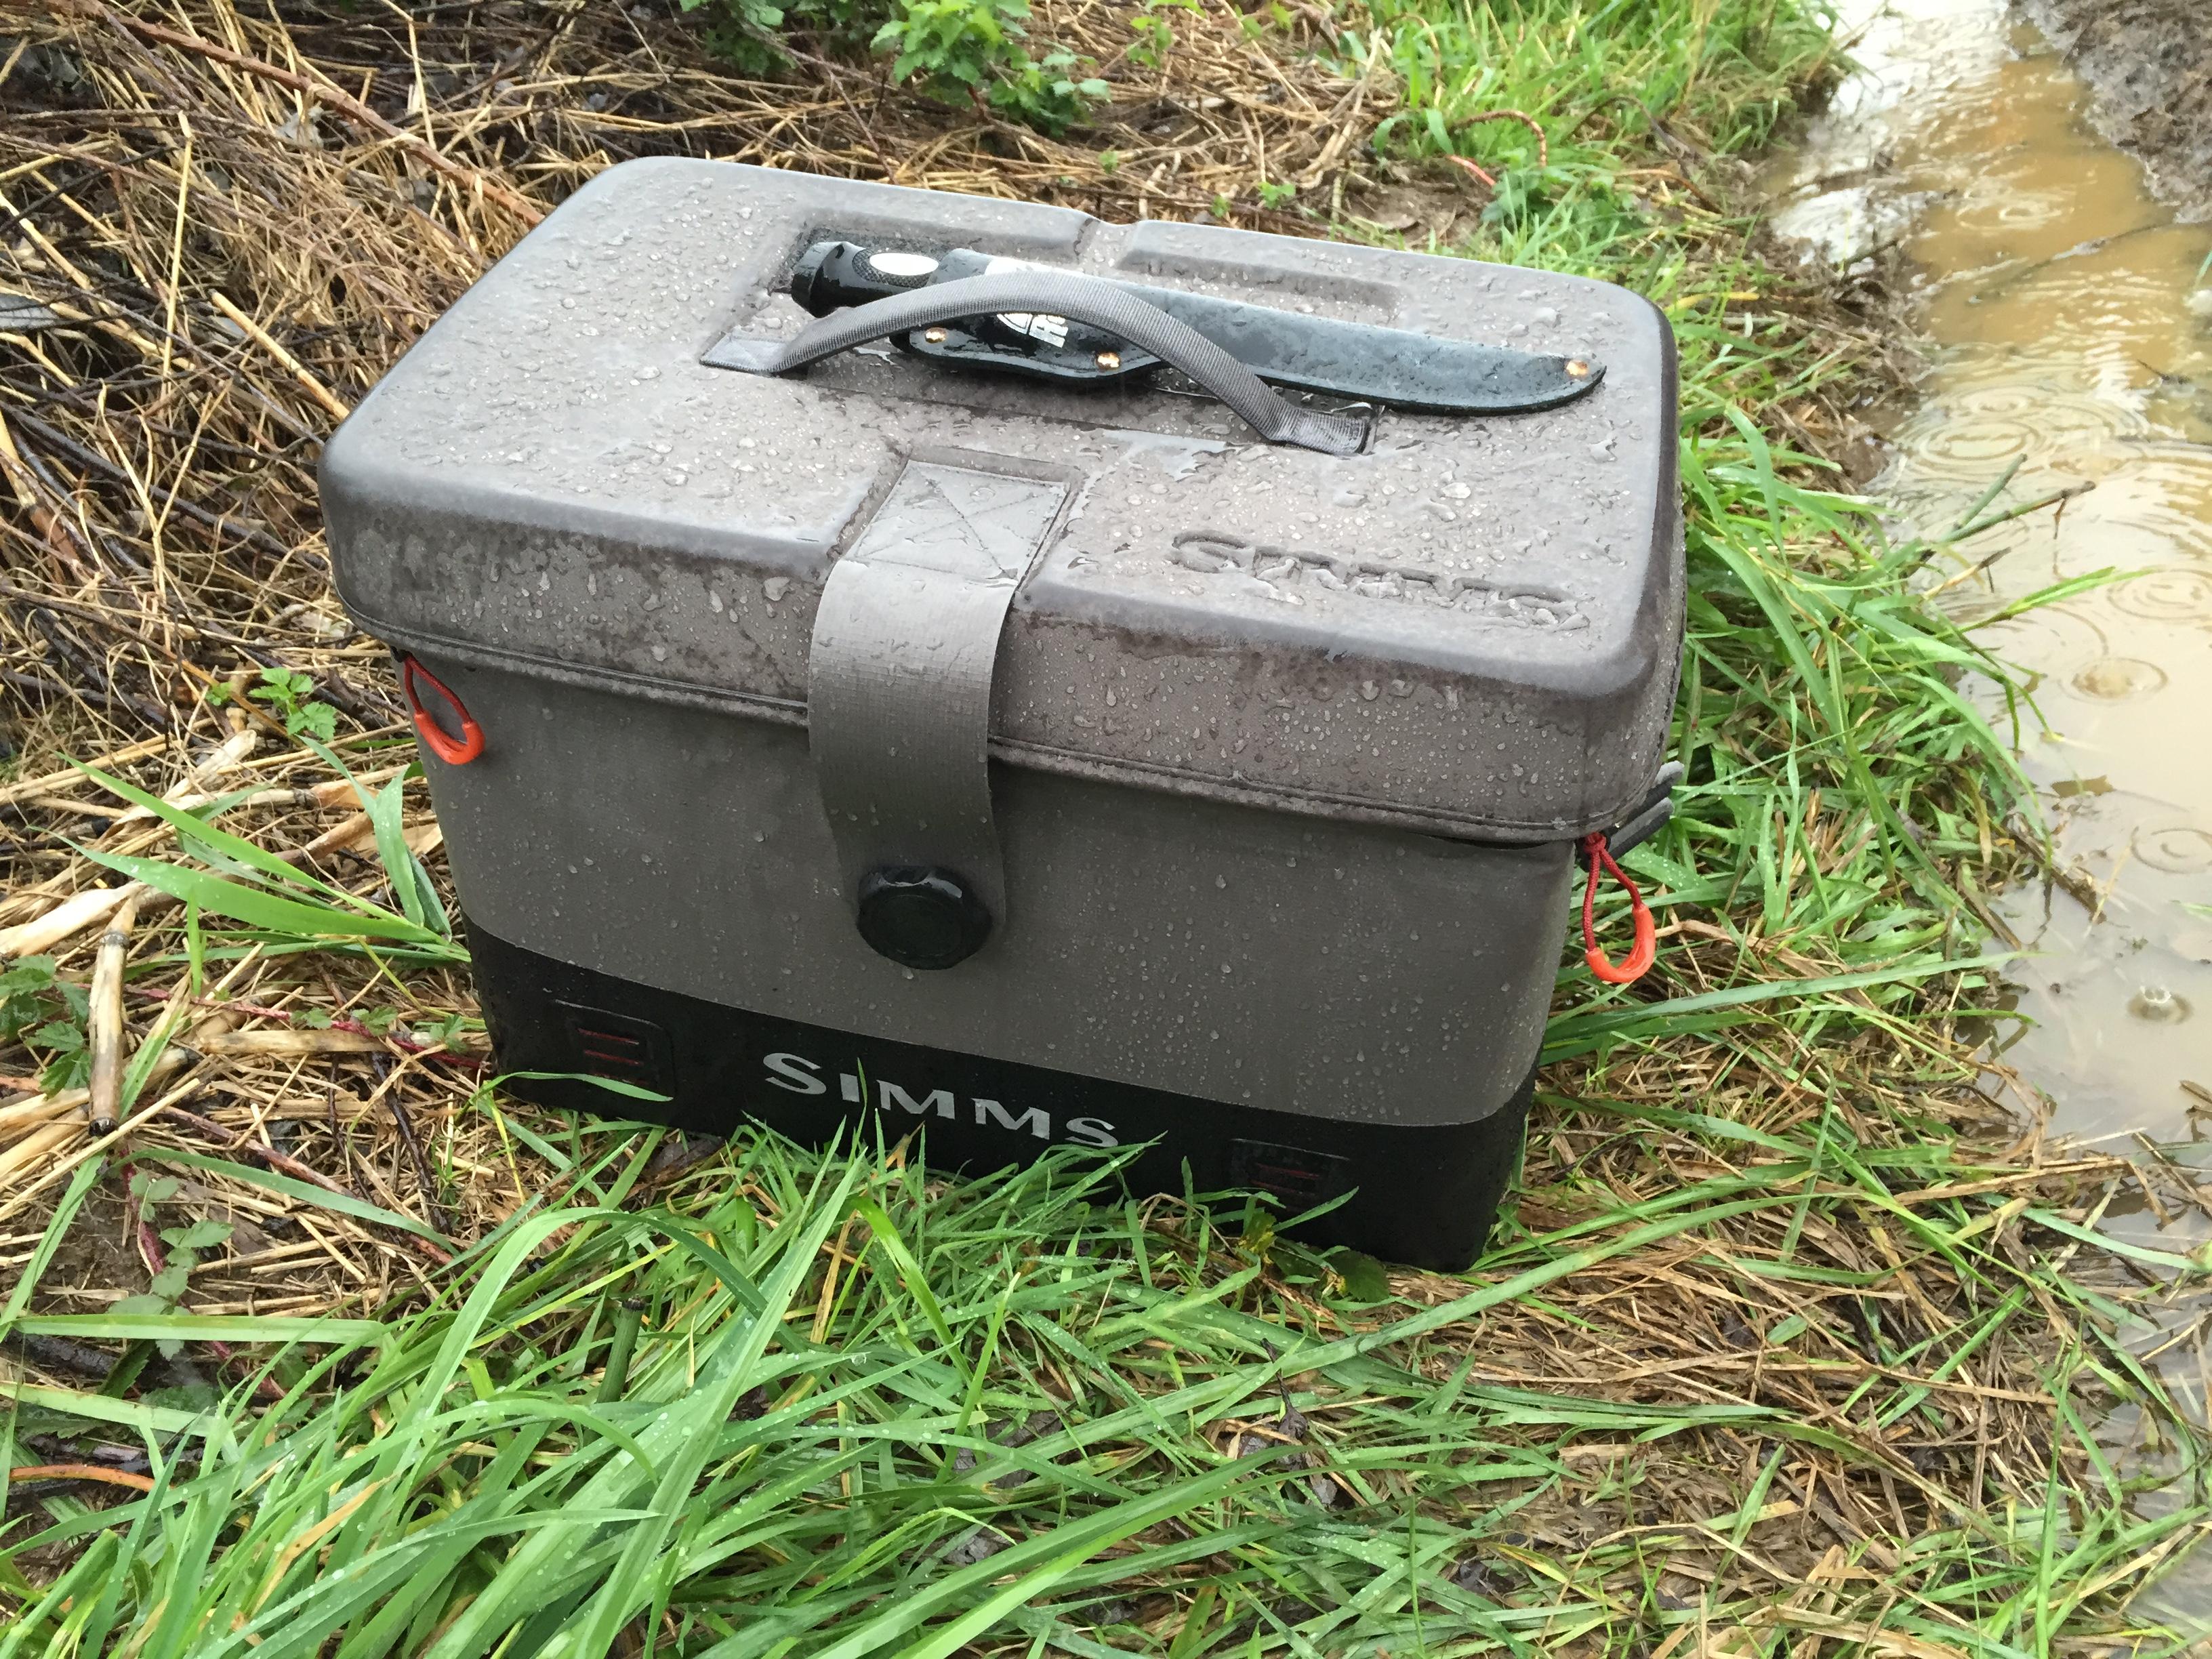 My New Simms Dry Creek Boat Bag